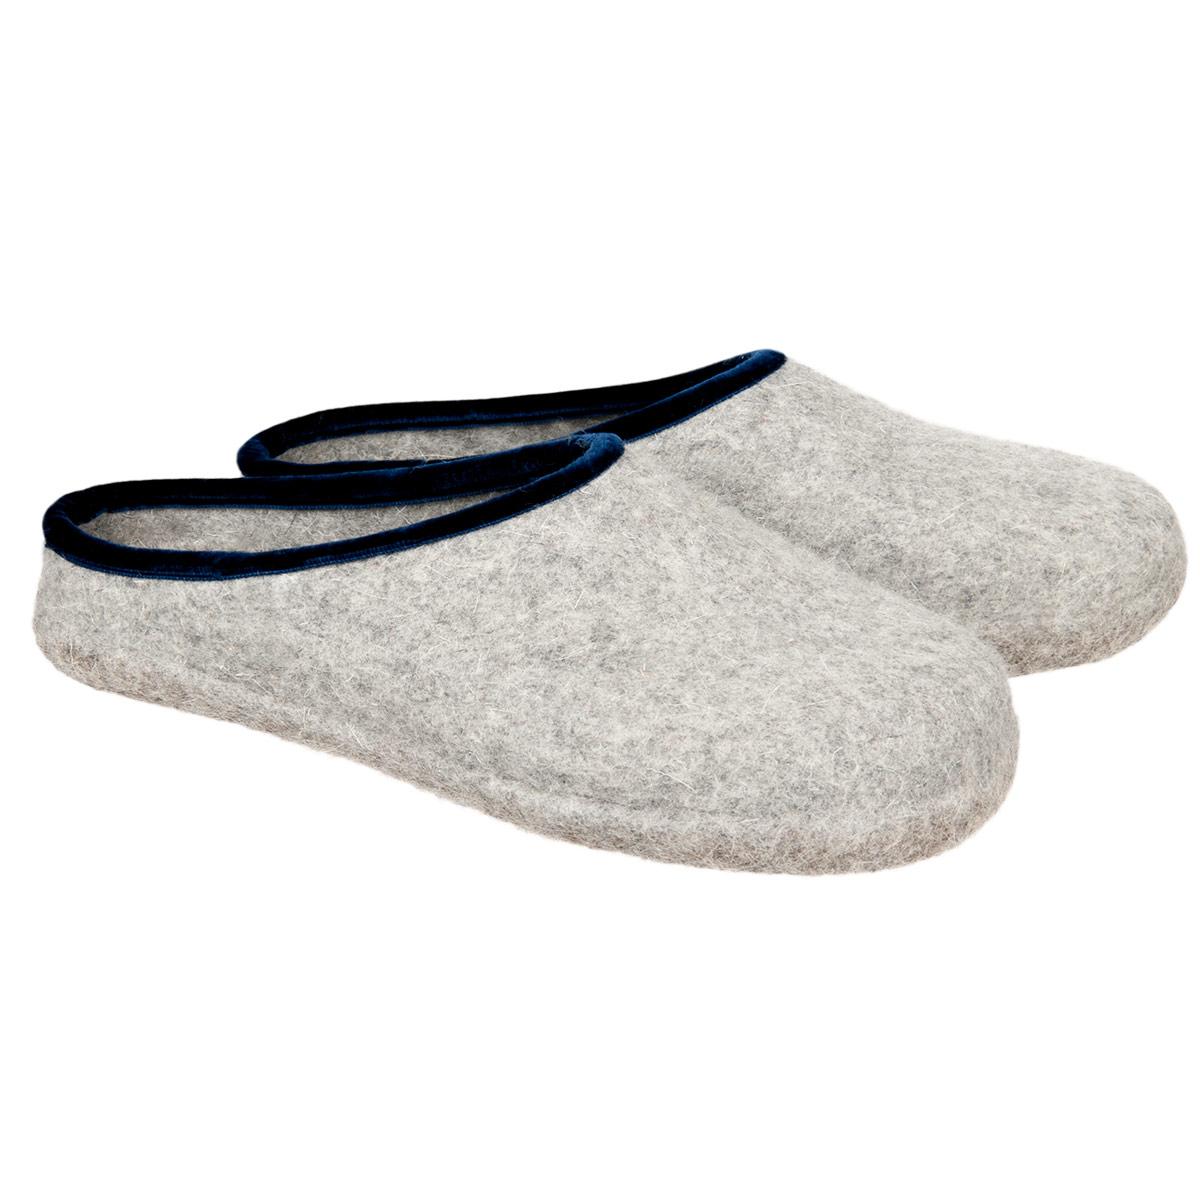 Haunold Di Qualità Nella Feltro Migliore Pantofole rSxwUq5r